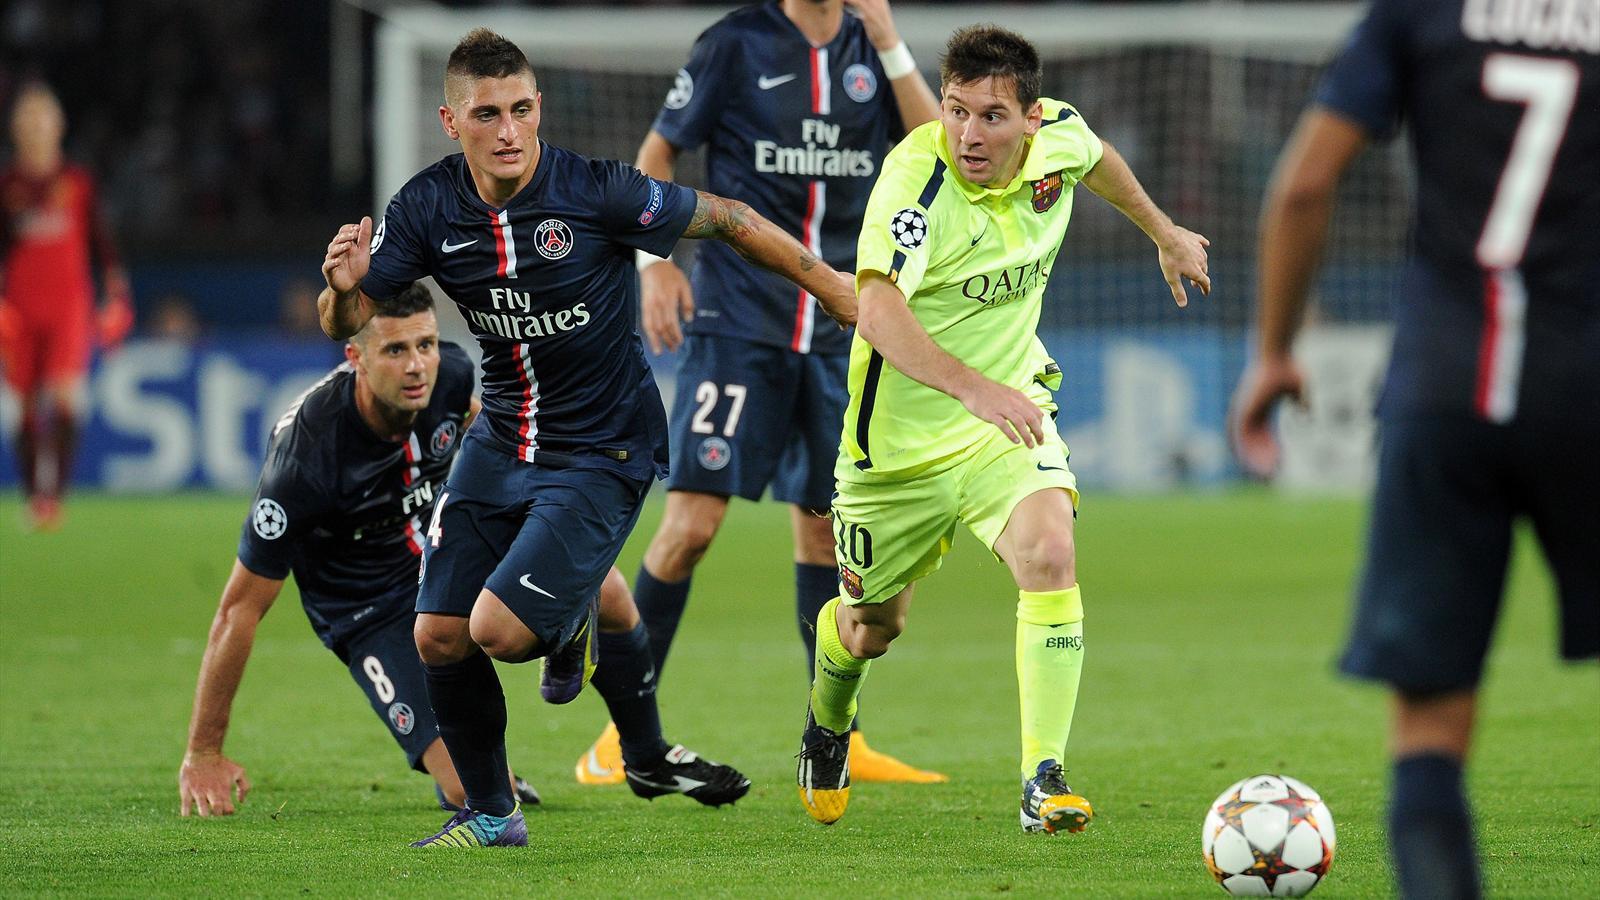 PSG – FC Barcelone ligue des champions 2014-2015